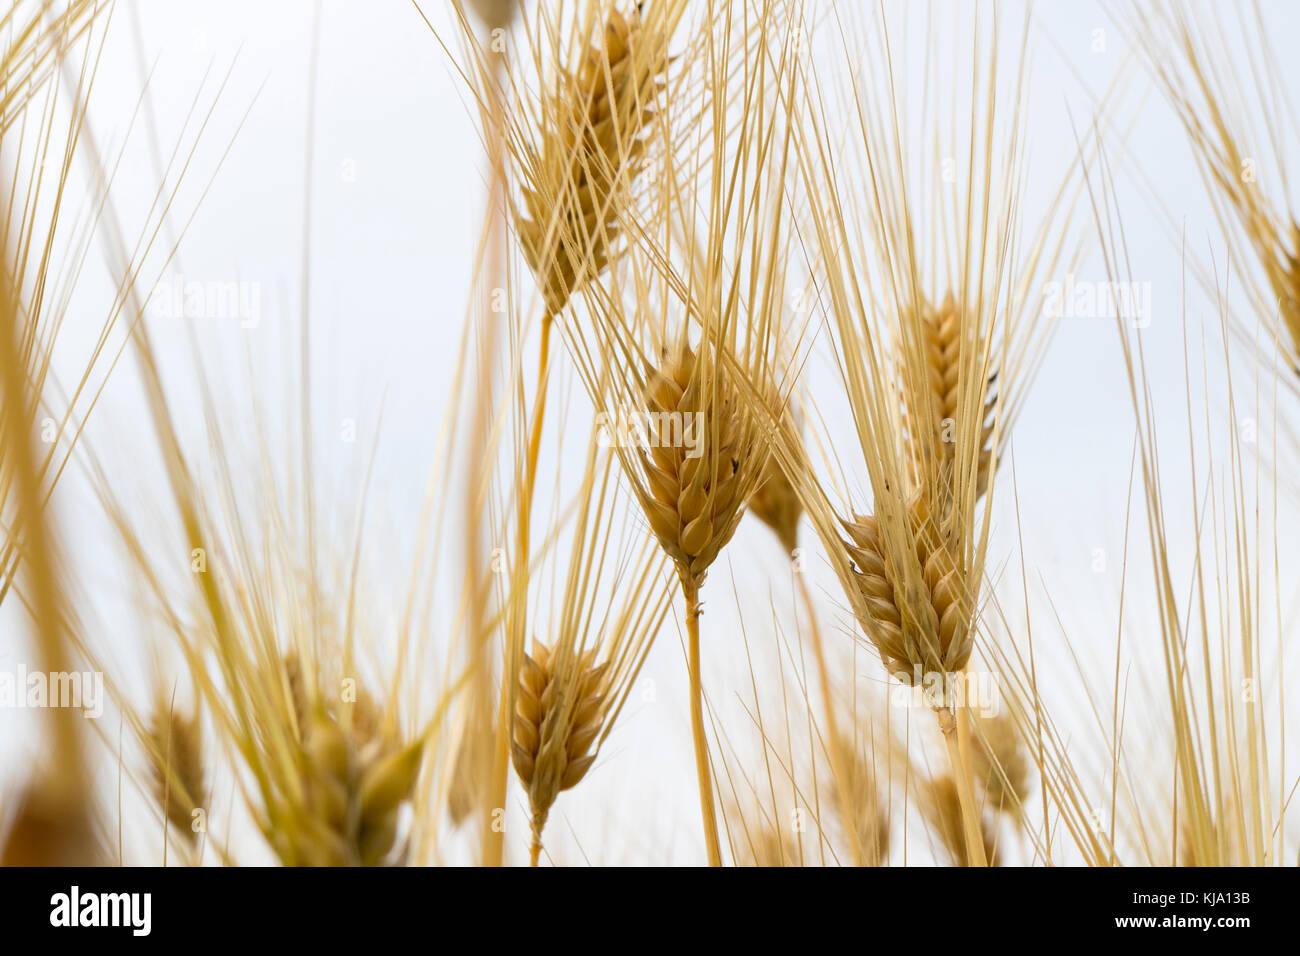 El arroz dorado oídos cerrar en hotaka, JAPÓN Imagen De Stock